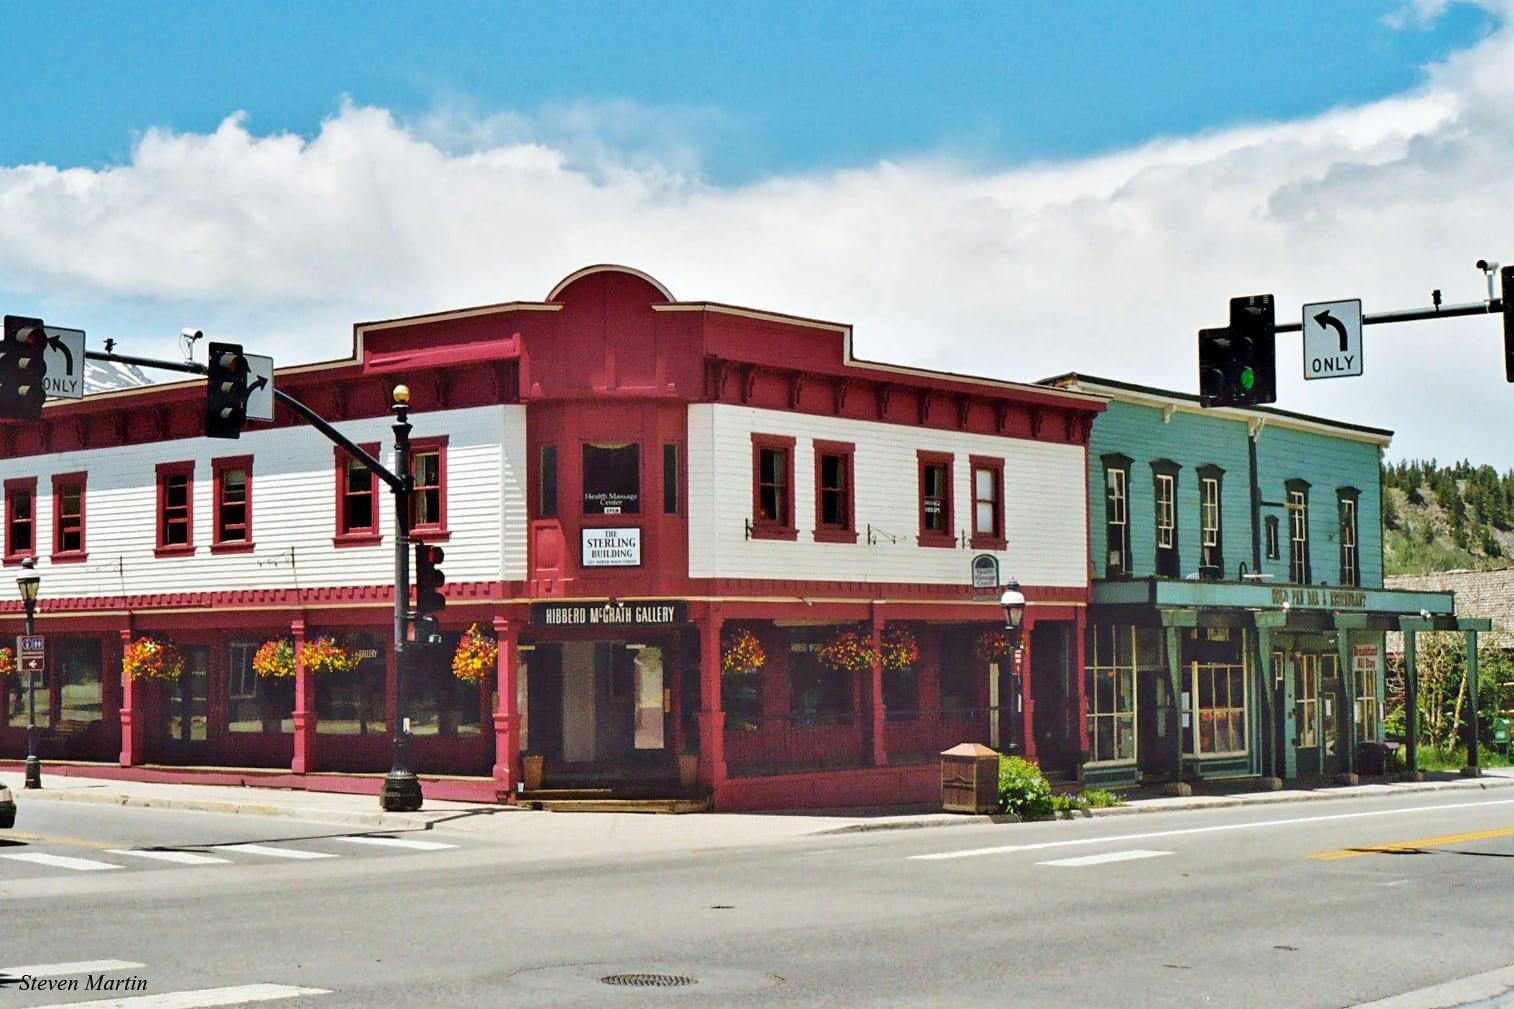 image of sterling building breckenridge colorado